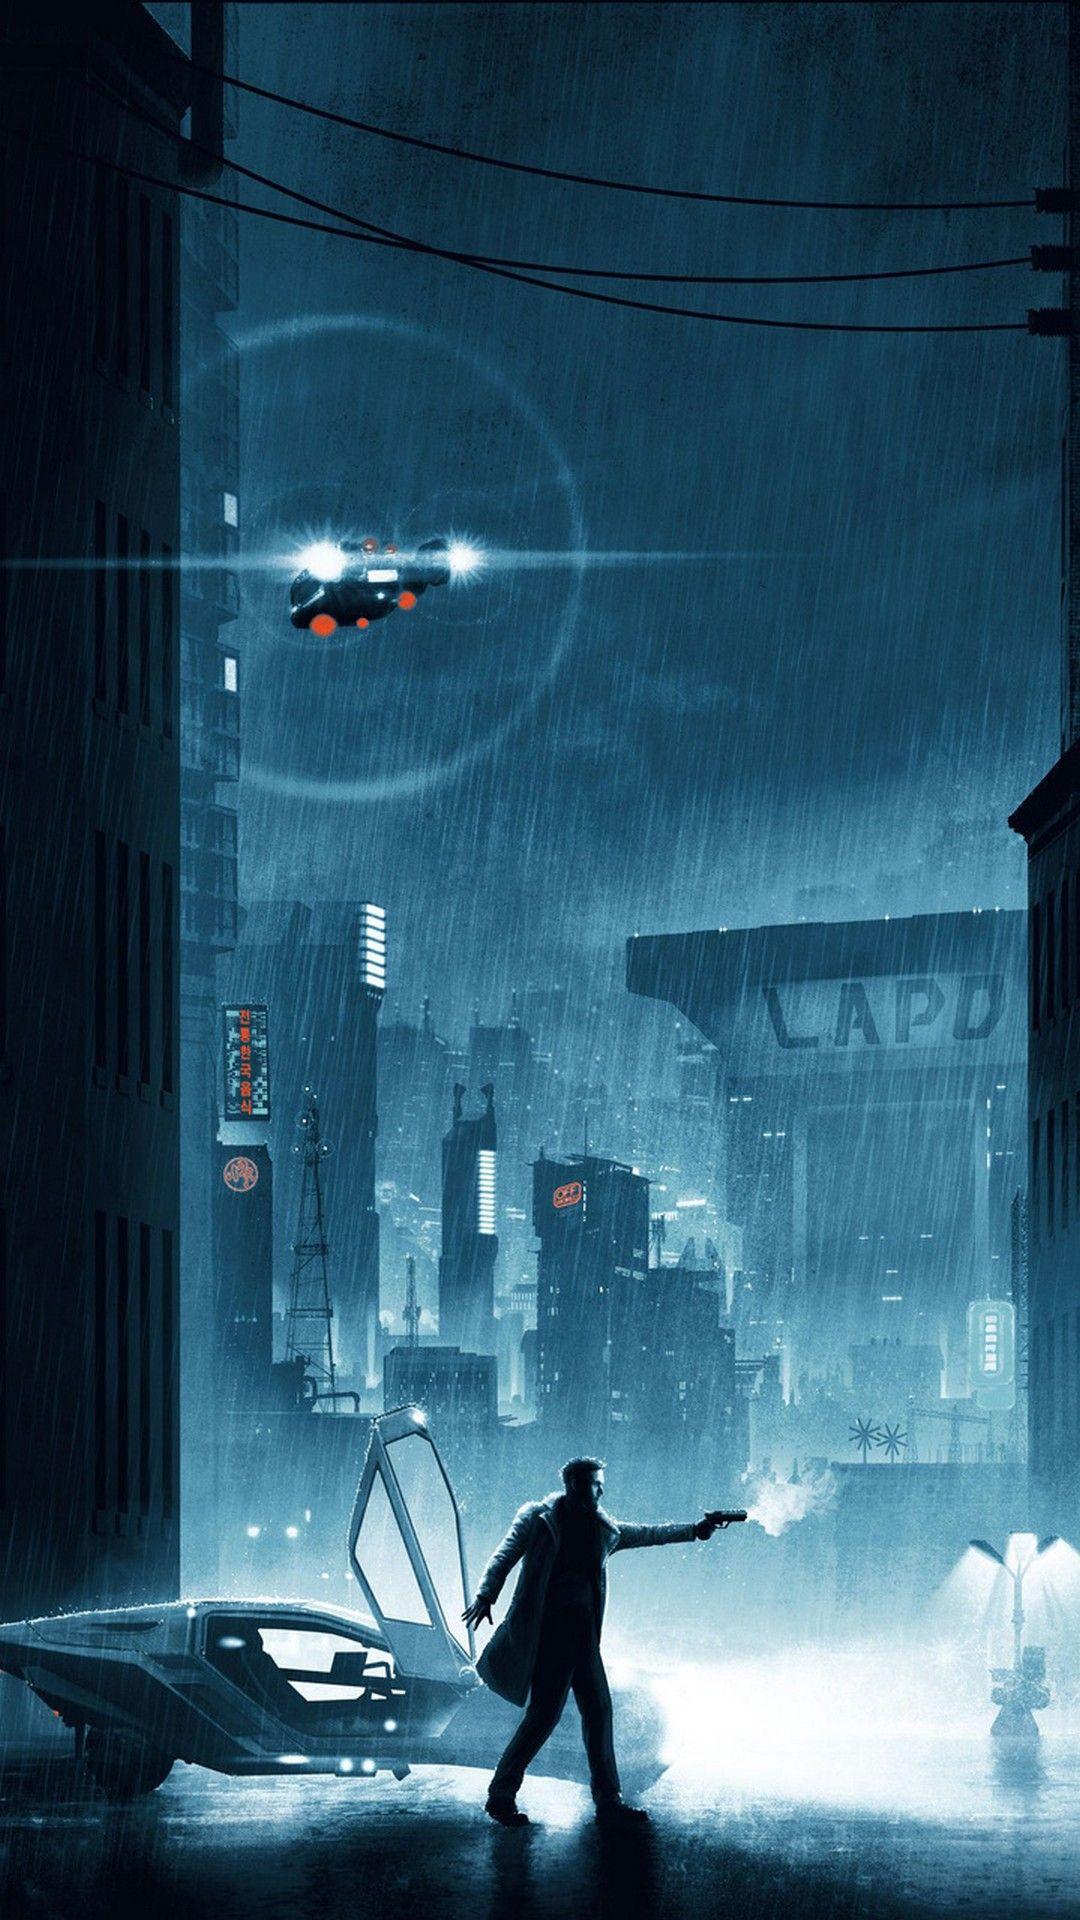 Wallpaper Dark Teal Android Best Mobile Wallpaper Blade Runner Art Blade Runner Wallpaper Blade Runner